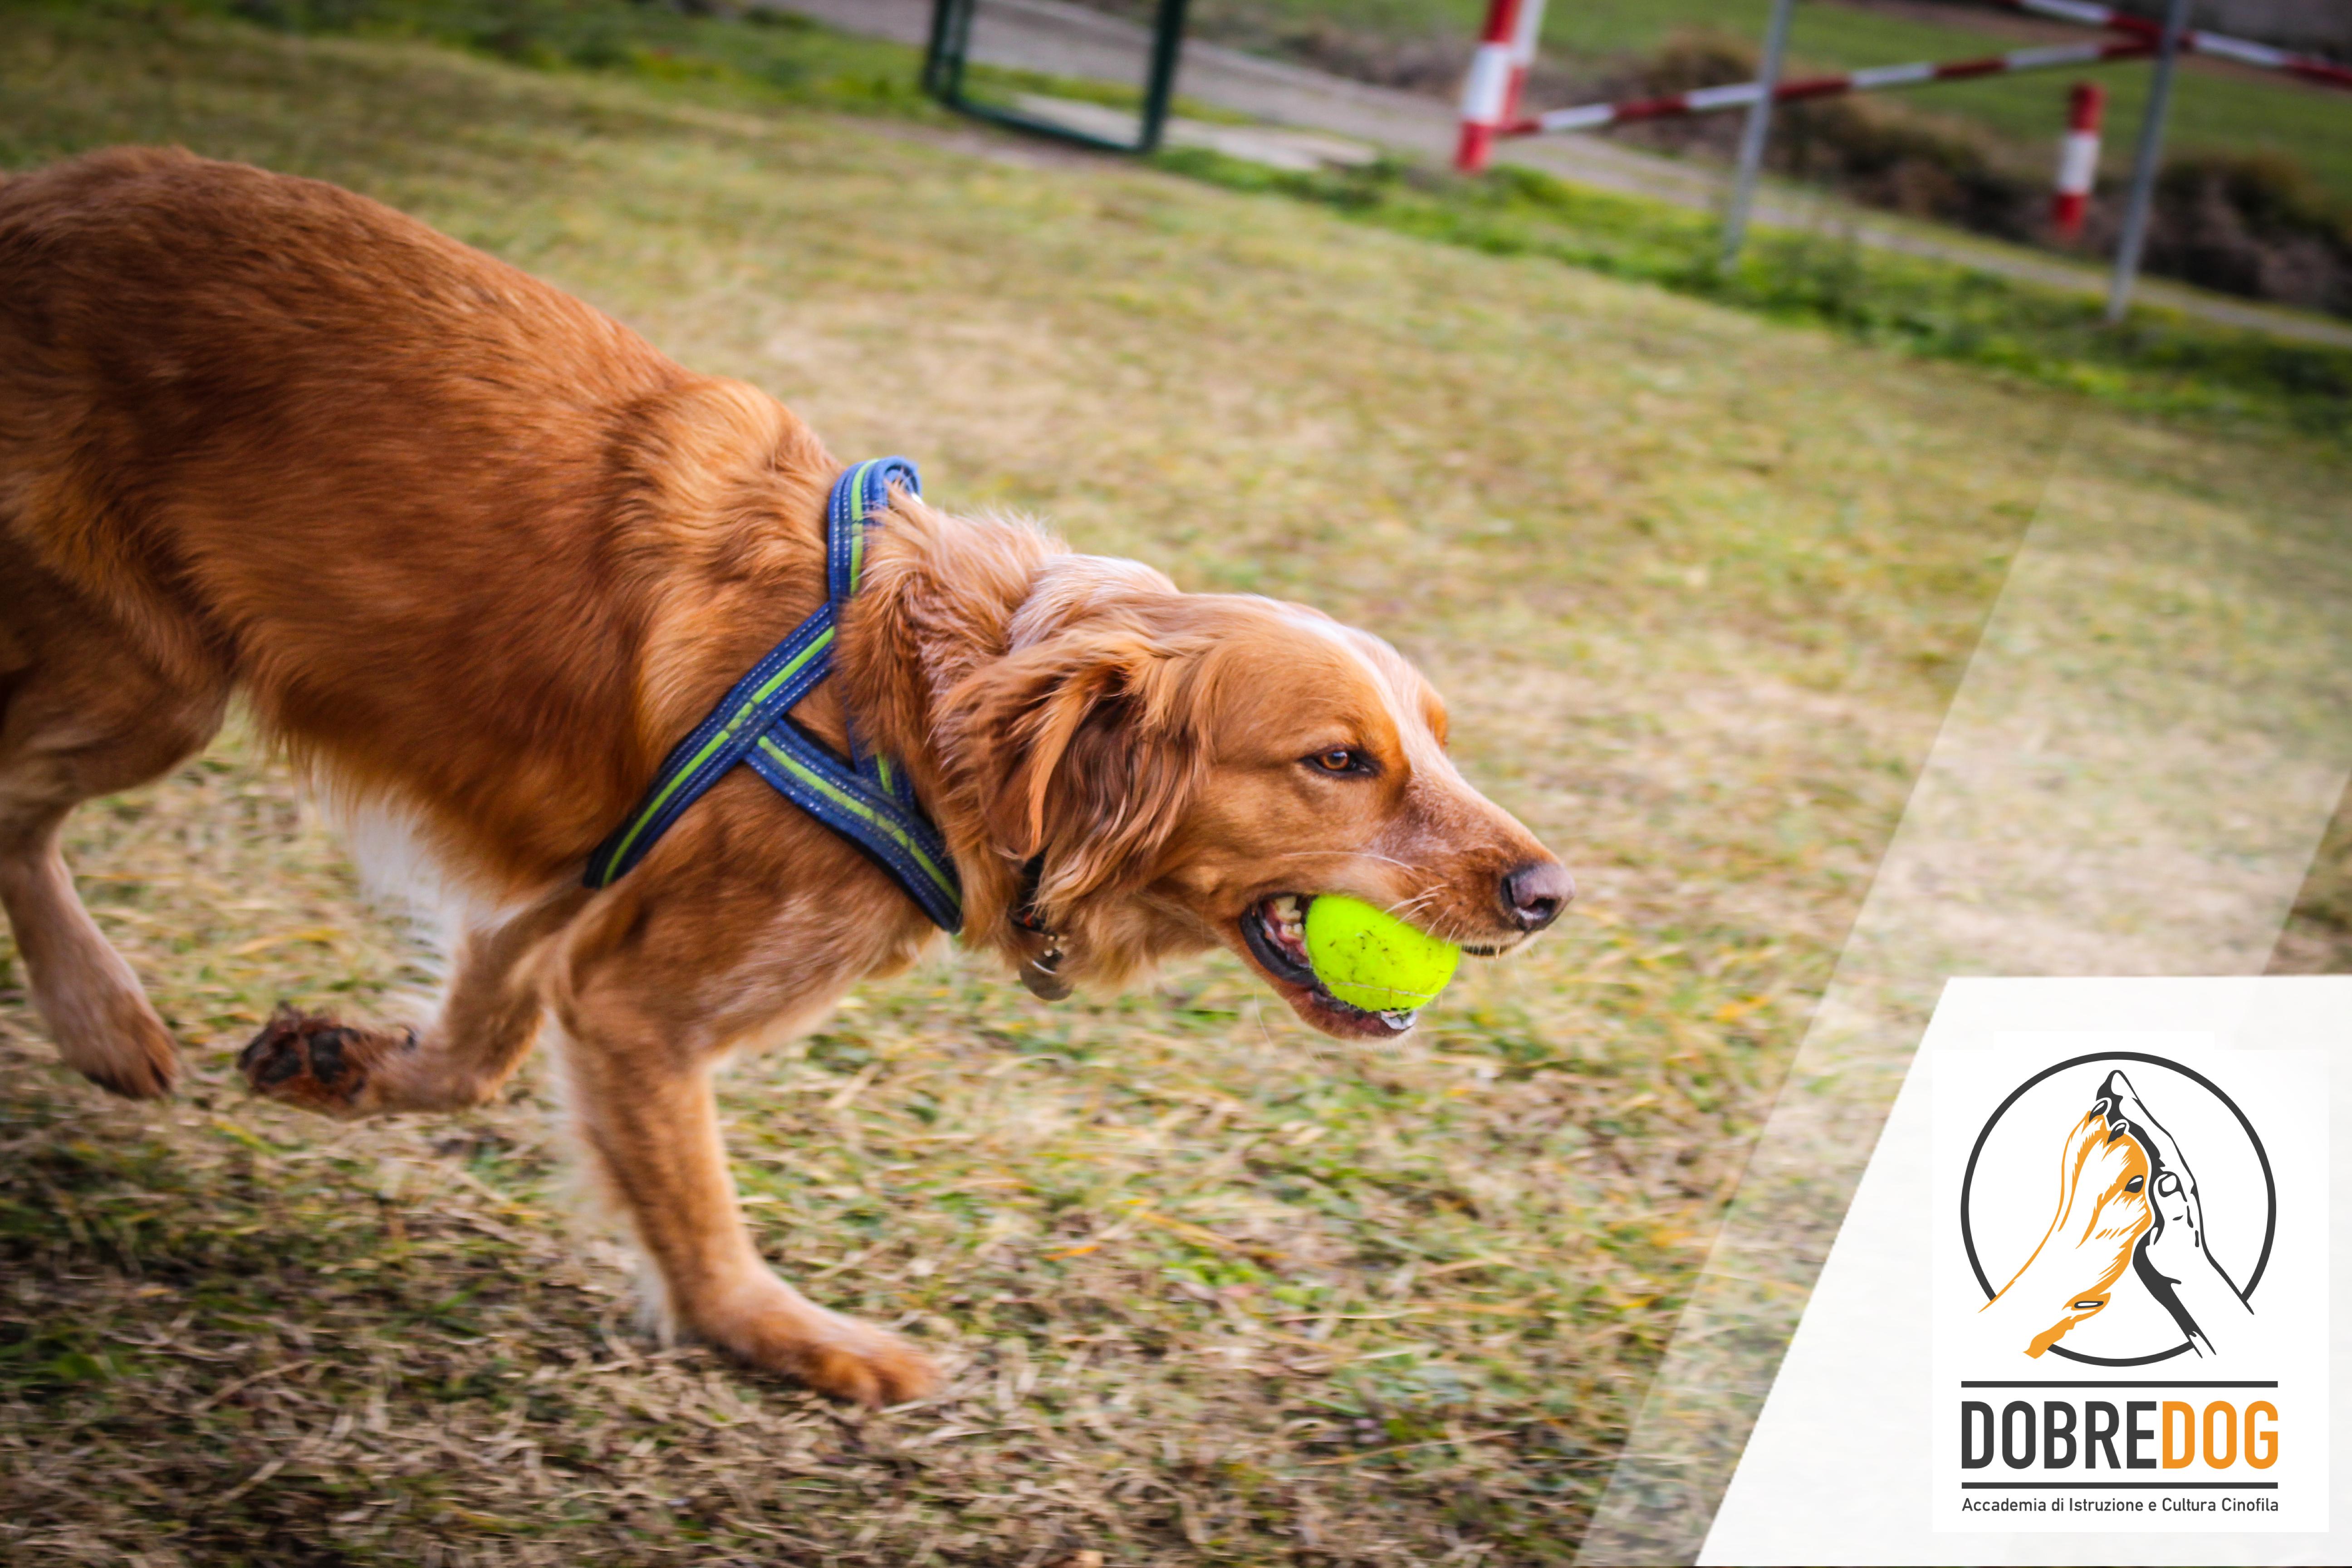 Cane con pallina tennis in bocca nel campo del centro cinofilo Dobredog.